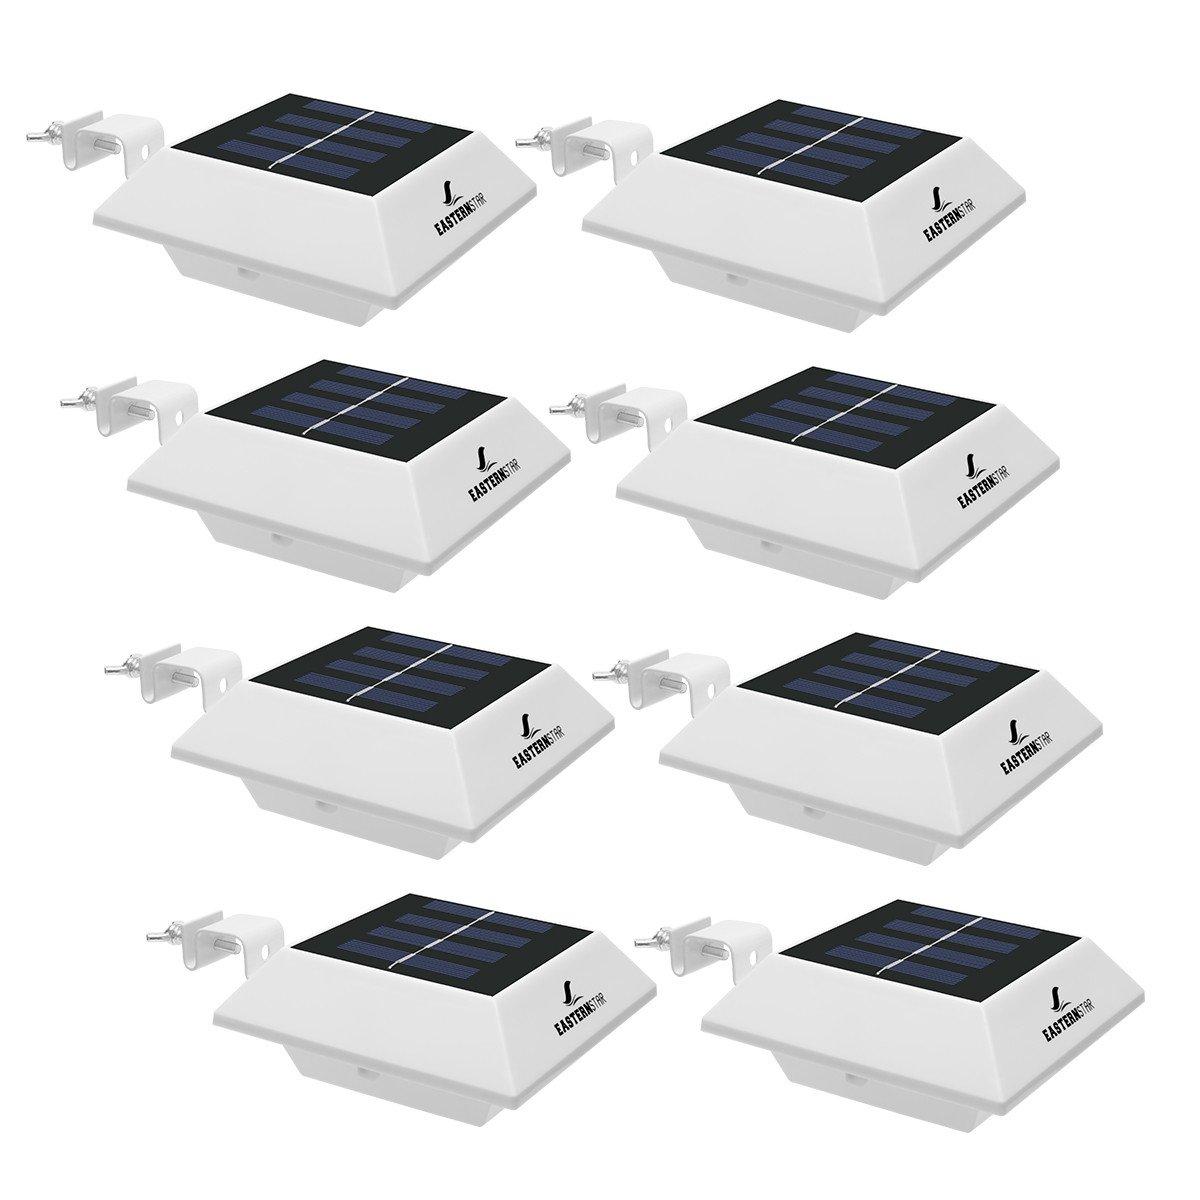 Gutter Lights 4 LED Solar Gutter Lights Outdoor Led Gutter Solar Lights Powered Roof Vent Shed and Deck Lights with High Lumen(Pack of 8))